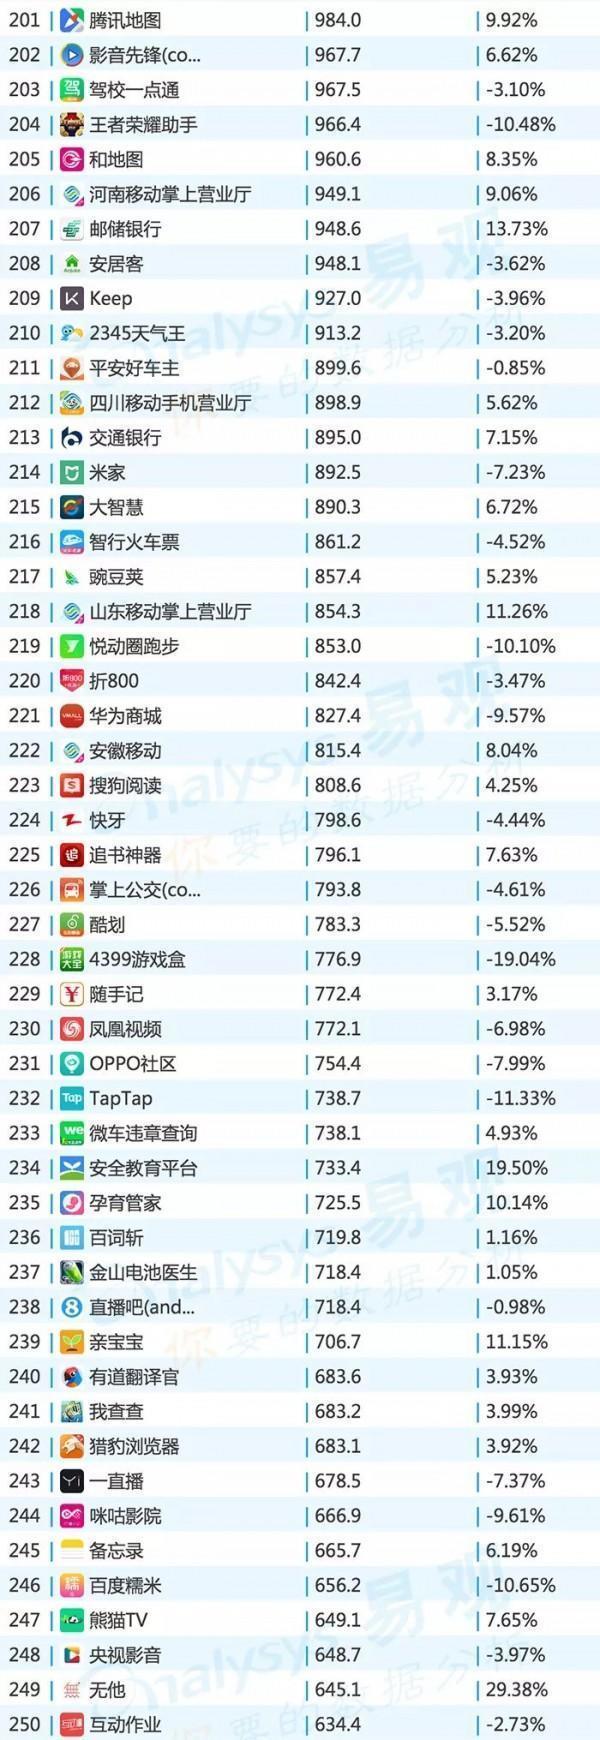 2017年最新AppTOP1000排行榜